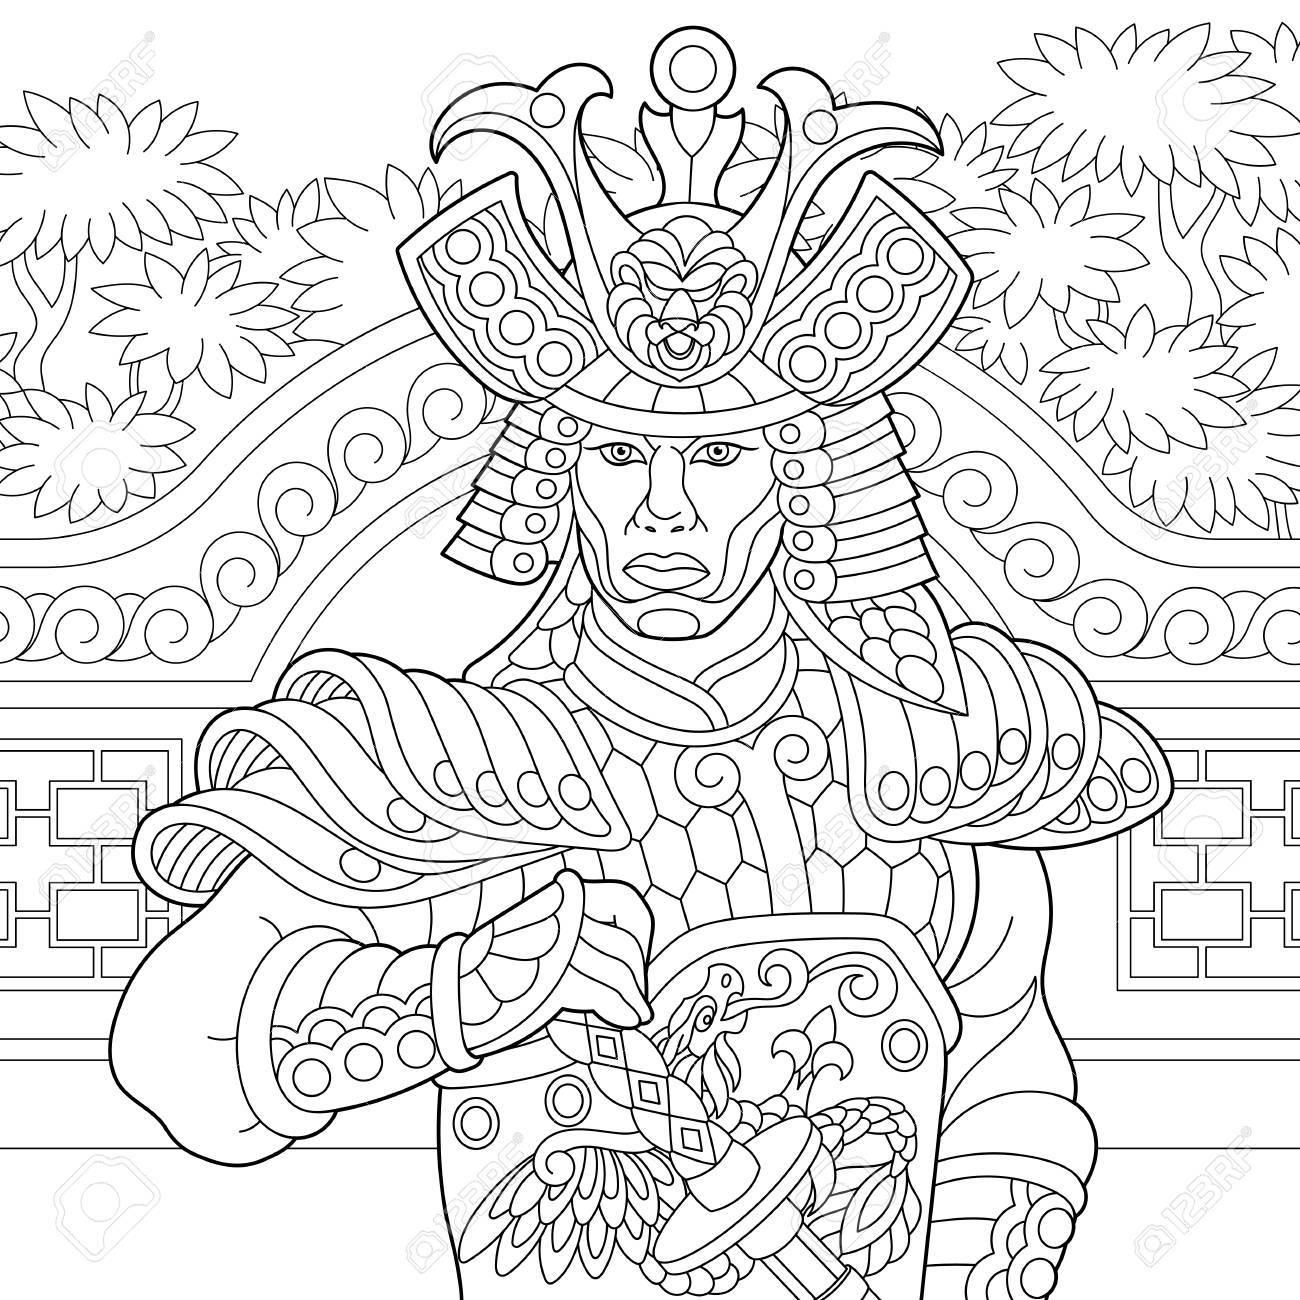 Coloriage De Samouraï Japonais Avec Épée Katana. Dessin De Croquis À Main  Levée Pour Livre De Coloriage Antistress Adulte tout Coloriage D Épée